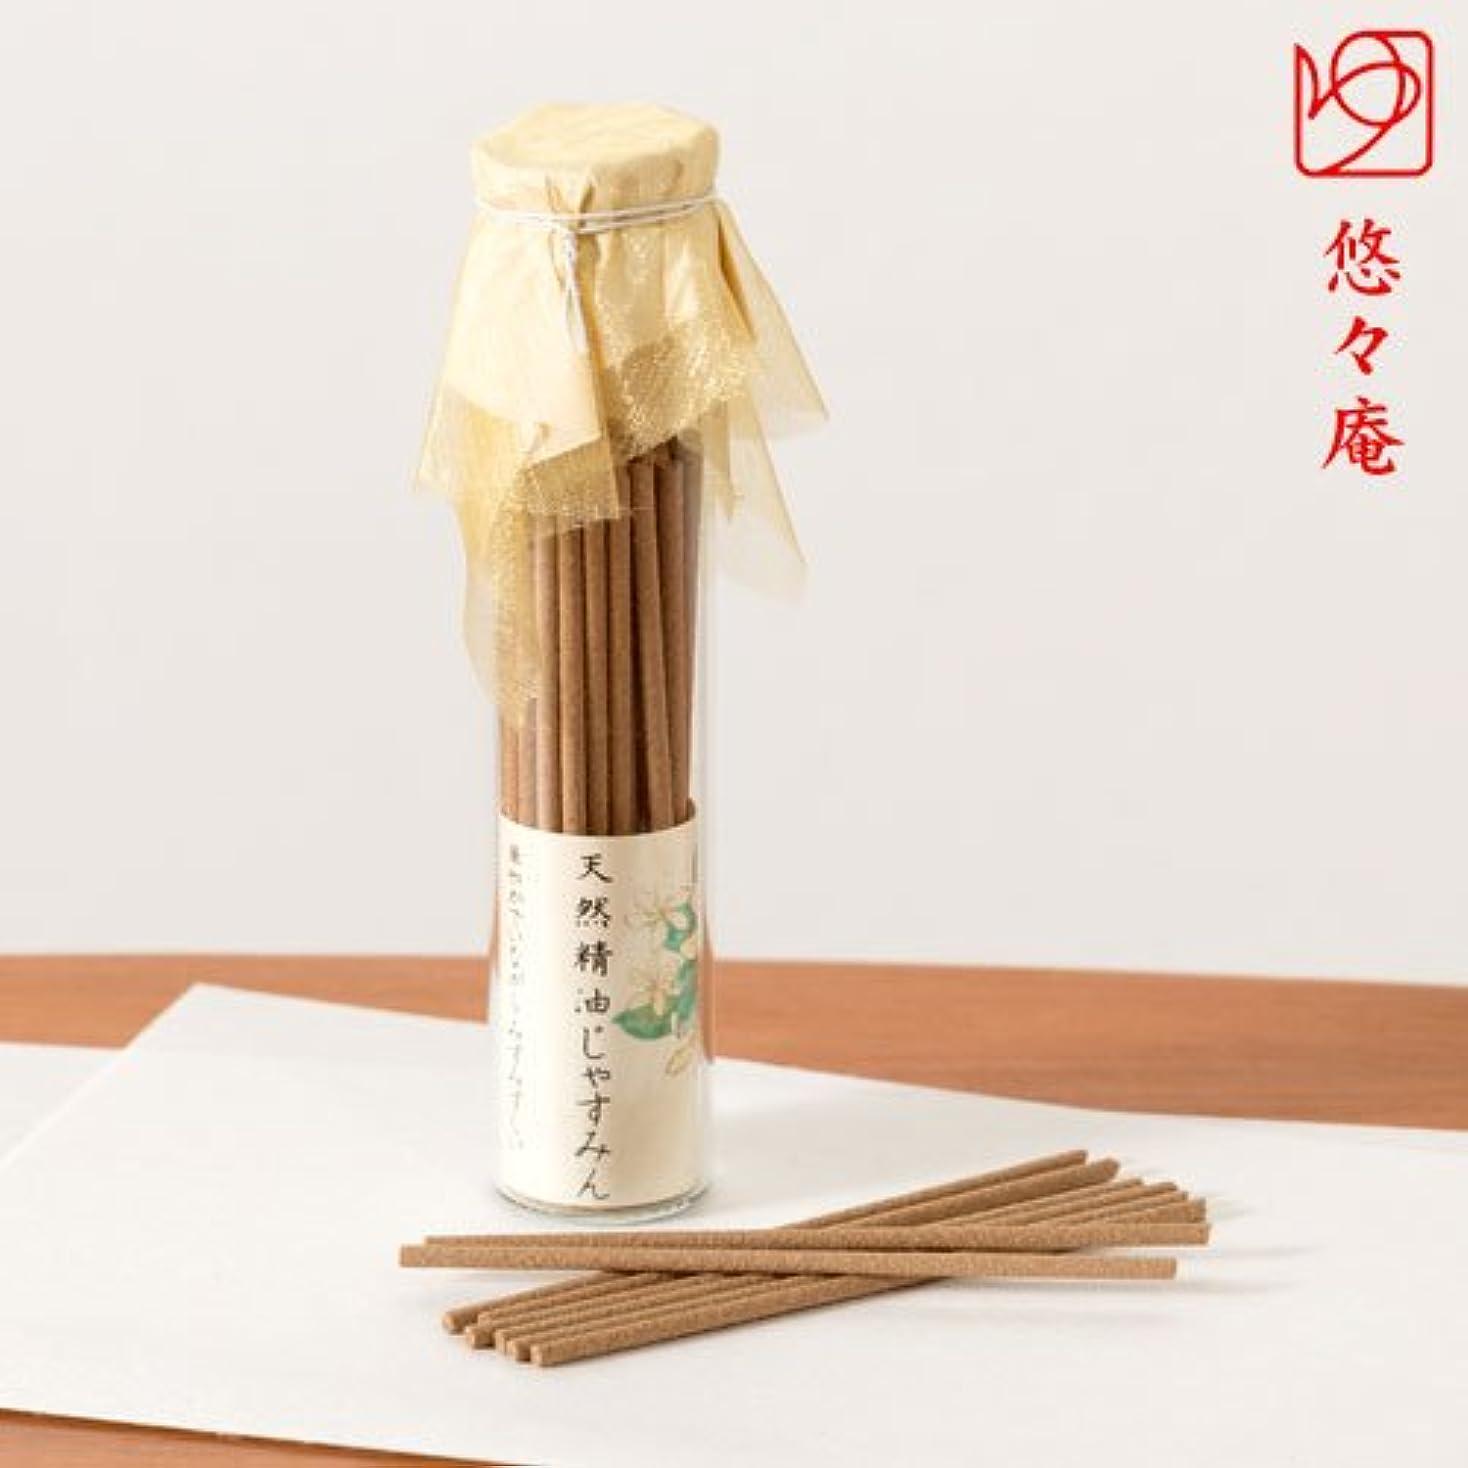 早熟隣接するスクラッチスティックお香天然精油のお線香窓辺のじゃすみんガラスビン入悠々庵Incense stick of natural essential oil